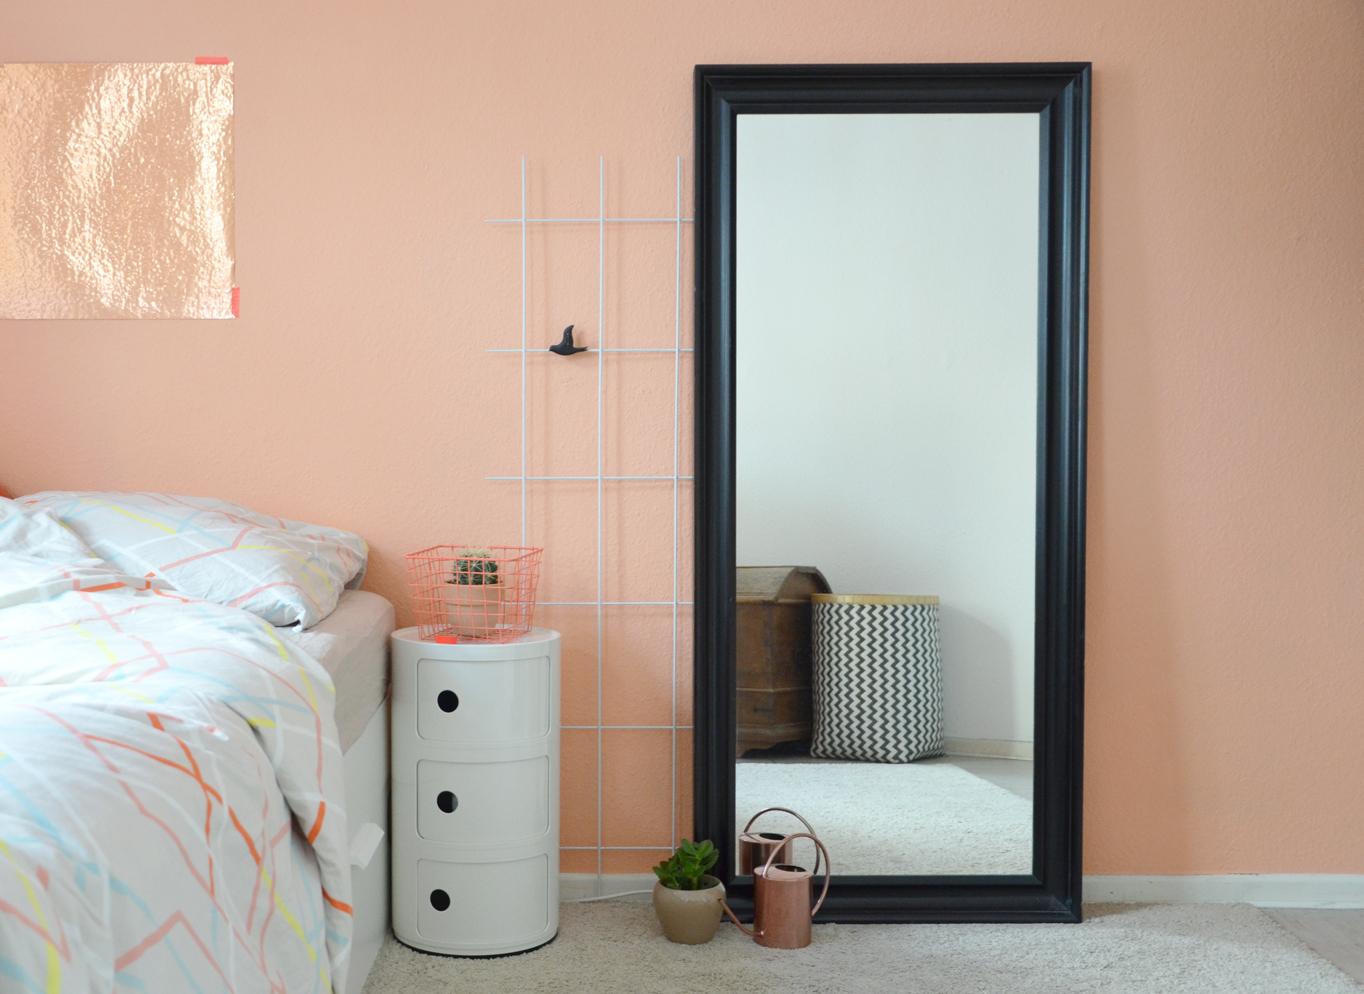 Full Size of Wandfarbe Rosa Eine Wand In Der Farbe Von Pfirsich Sorbet Interior Küche Wohnzimmer Wandfarbe Rosa